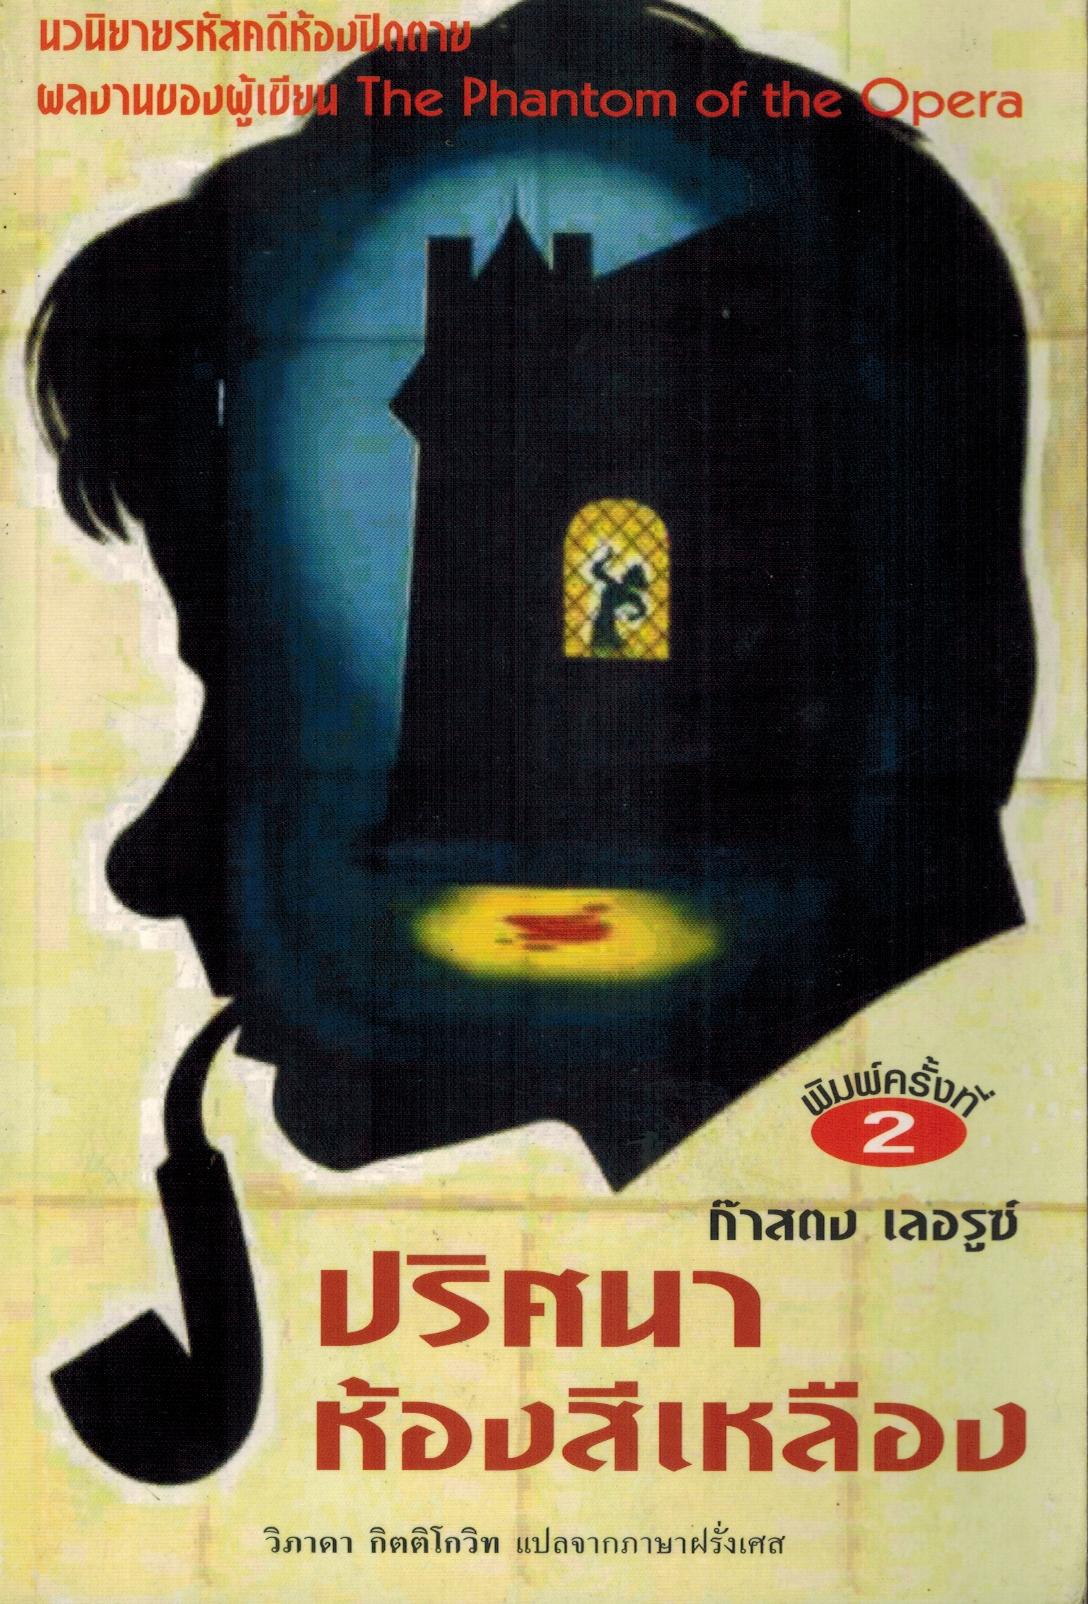 ปริศนาห้องสีเหลือง (179 เล่ม)